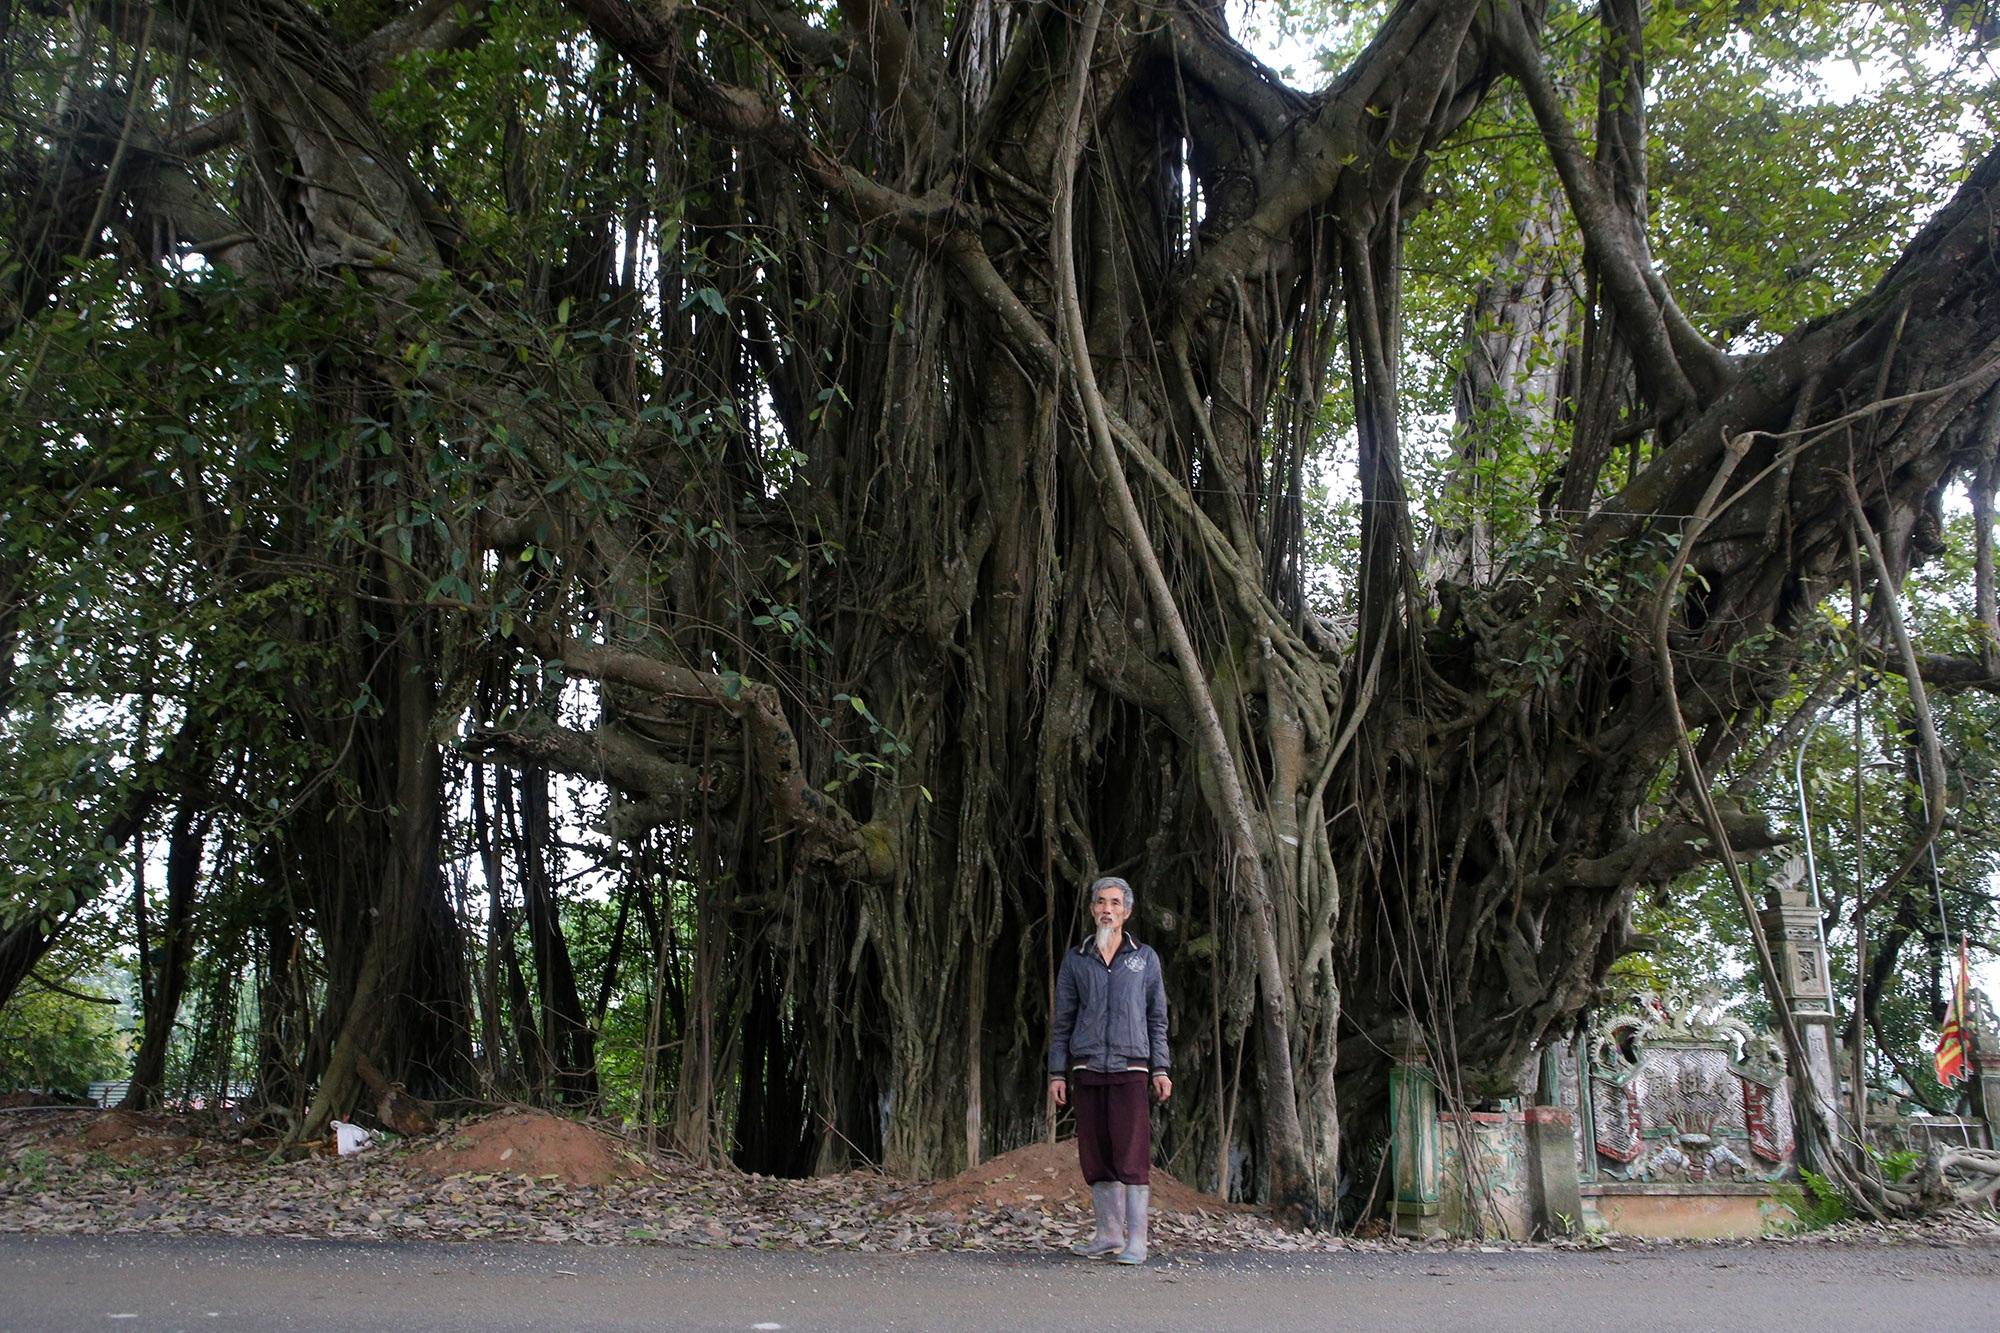 Chuyện ít người biết về cây đa khổng lồ ở xã Viên Nội - 11